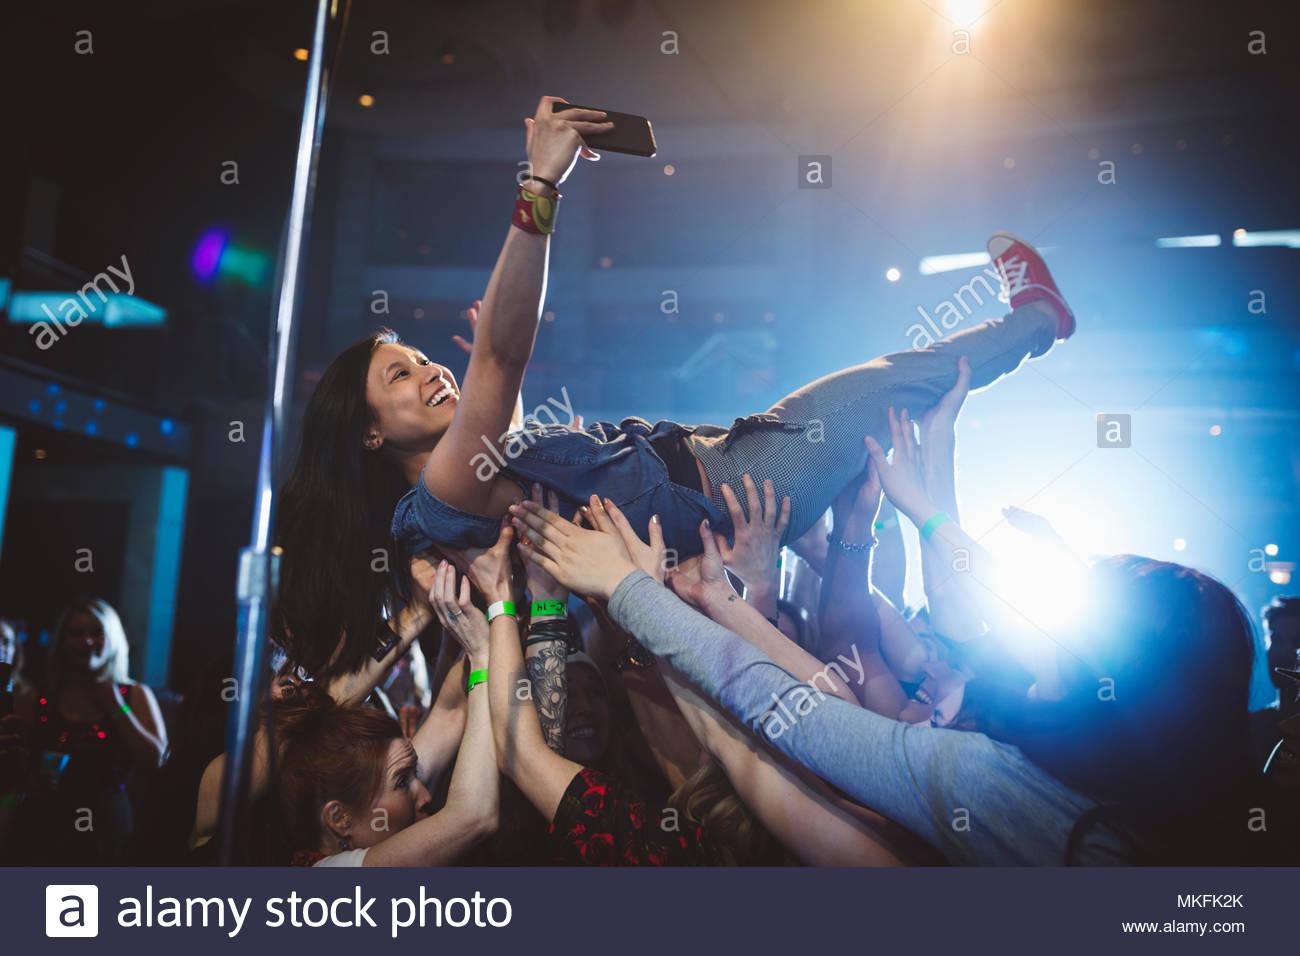 Üppige Frau mit Kamera Handy crowdsurfing auf Konzert in Nachtclub Stockbild